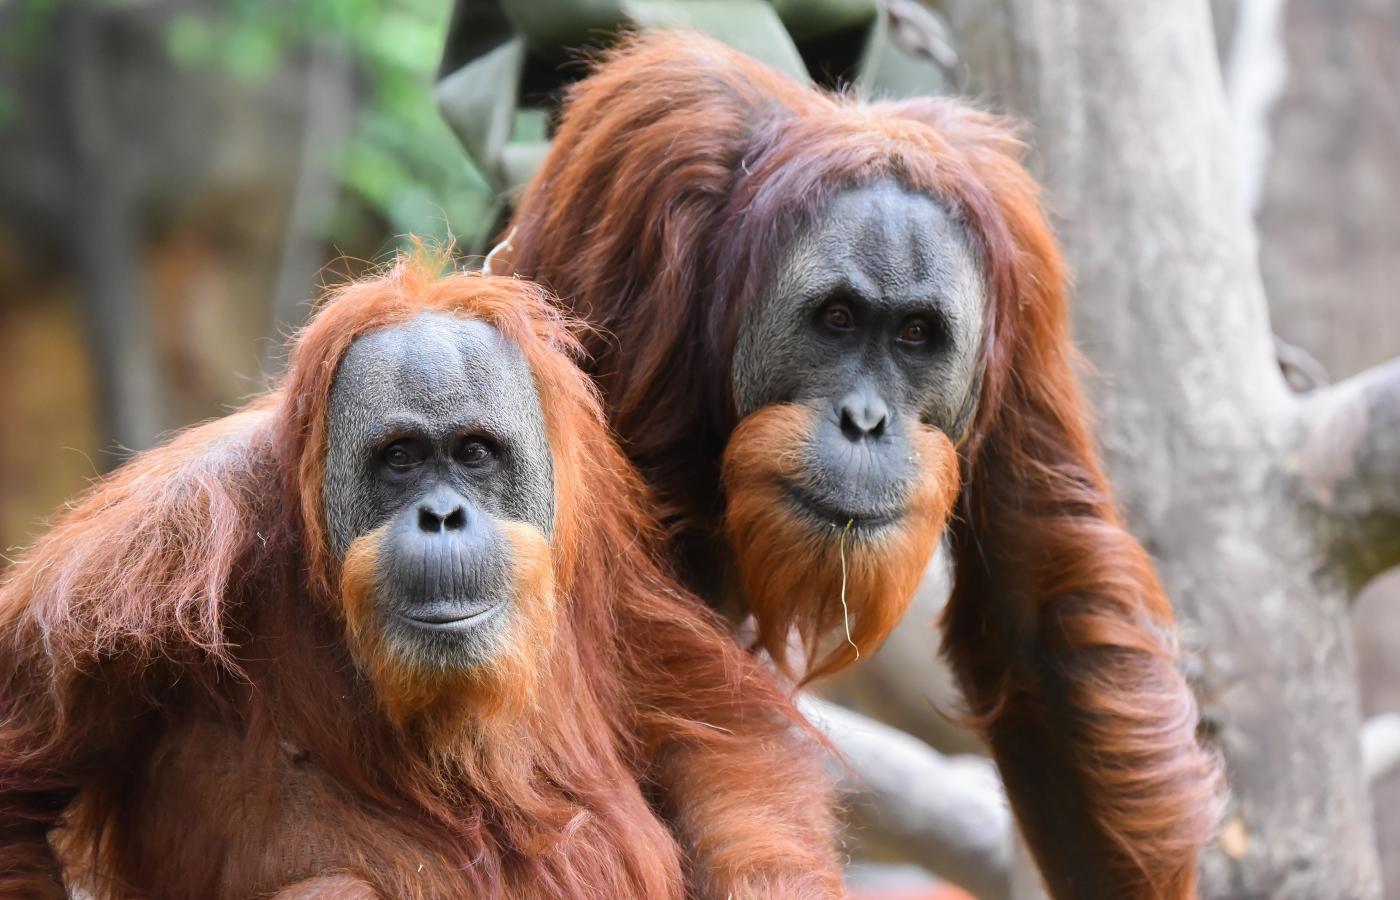 sumatran orangutan birthday bash